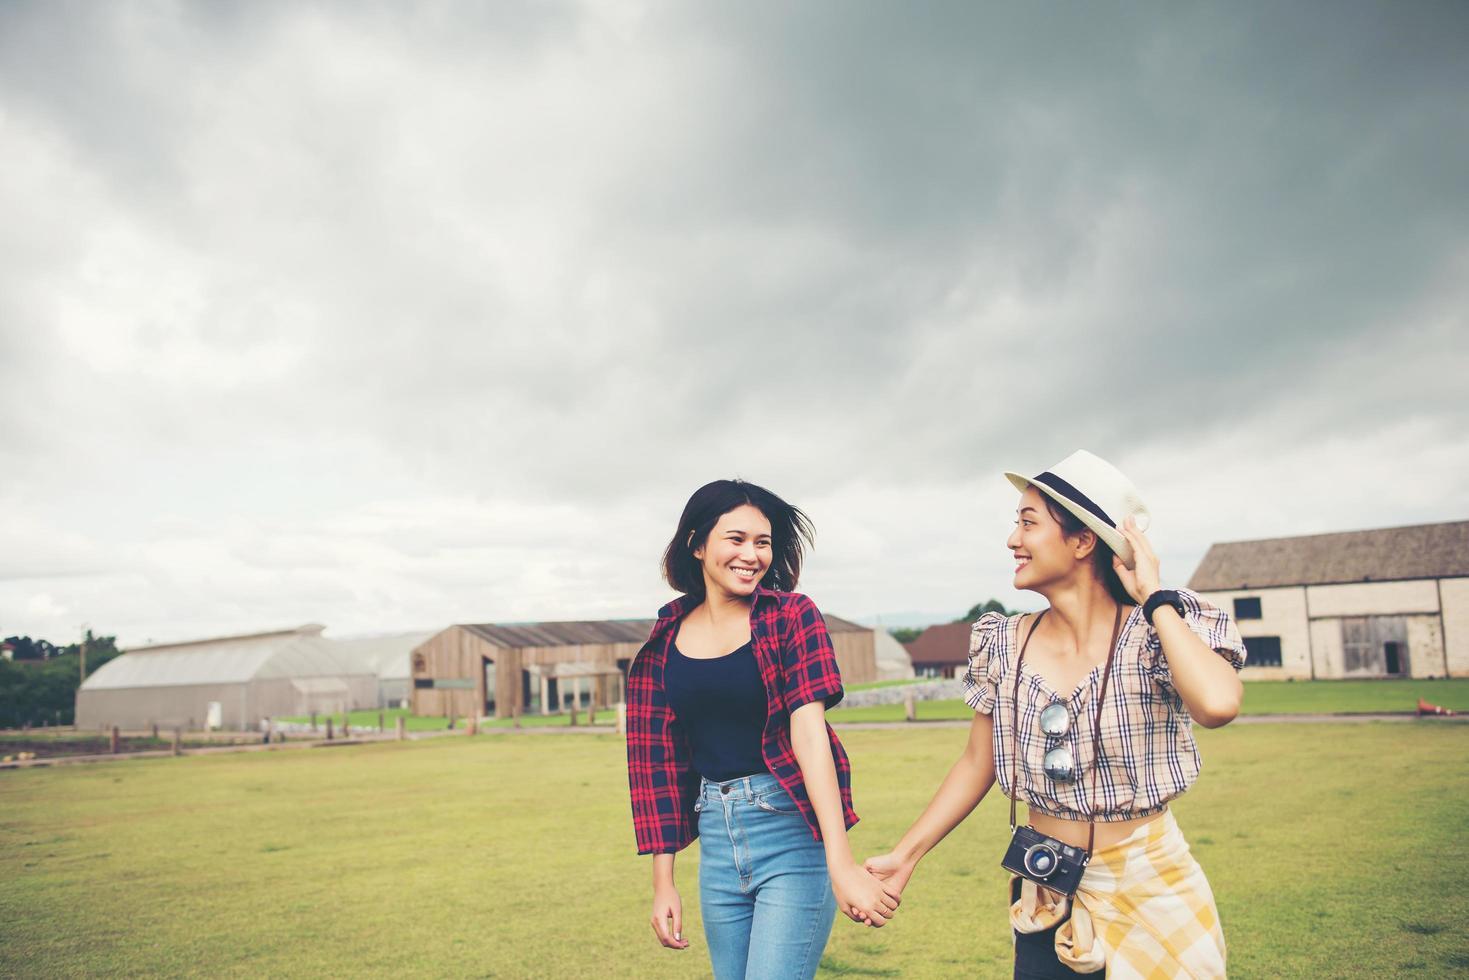 ritratto di ragazze sorridenti che camminano nel parco foto